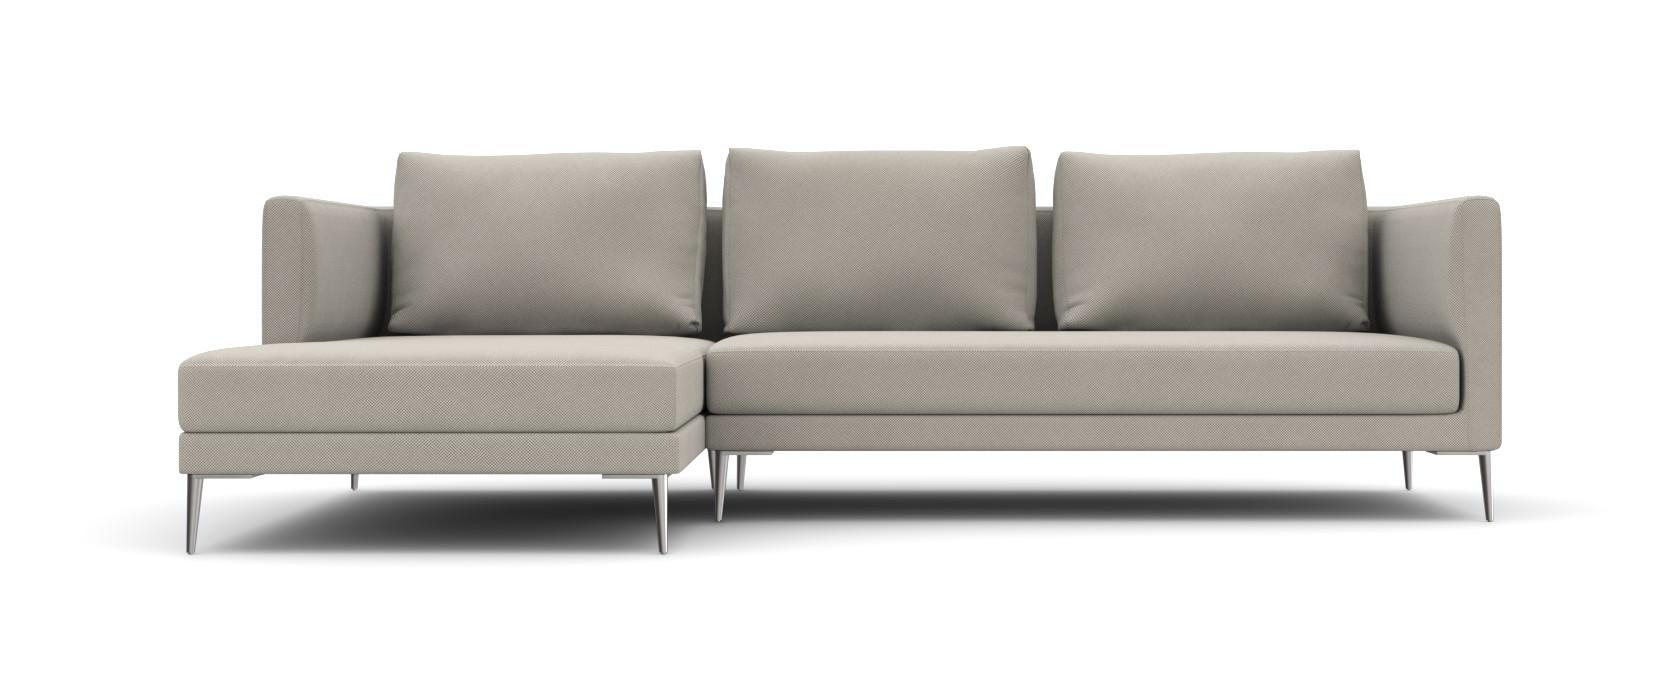 Угловой диван Augusto - Pufetto